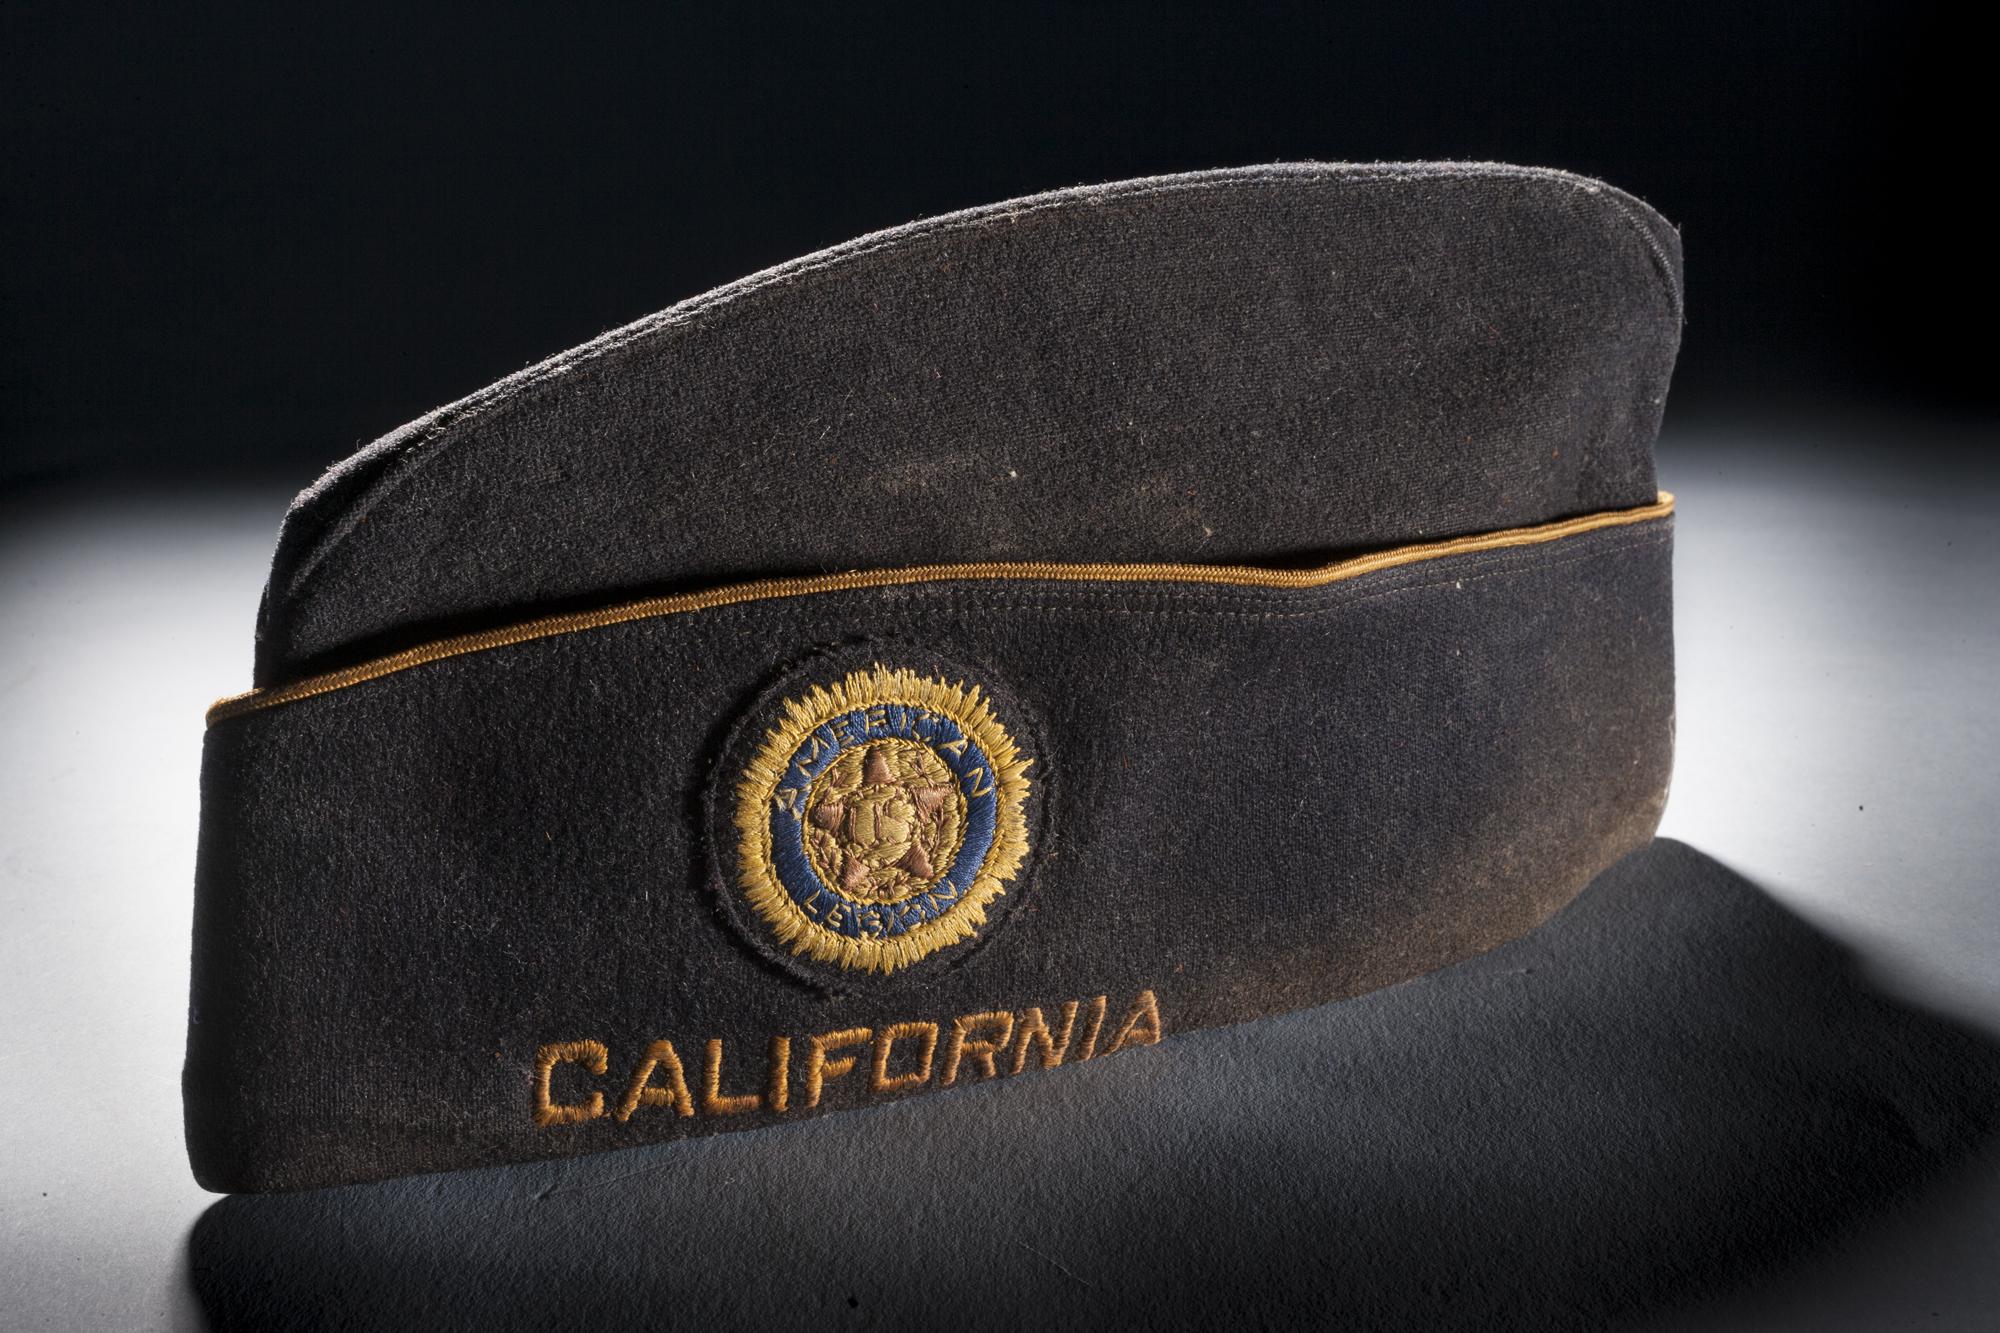 William Powell's American Legion Cap